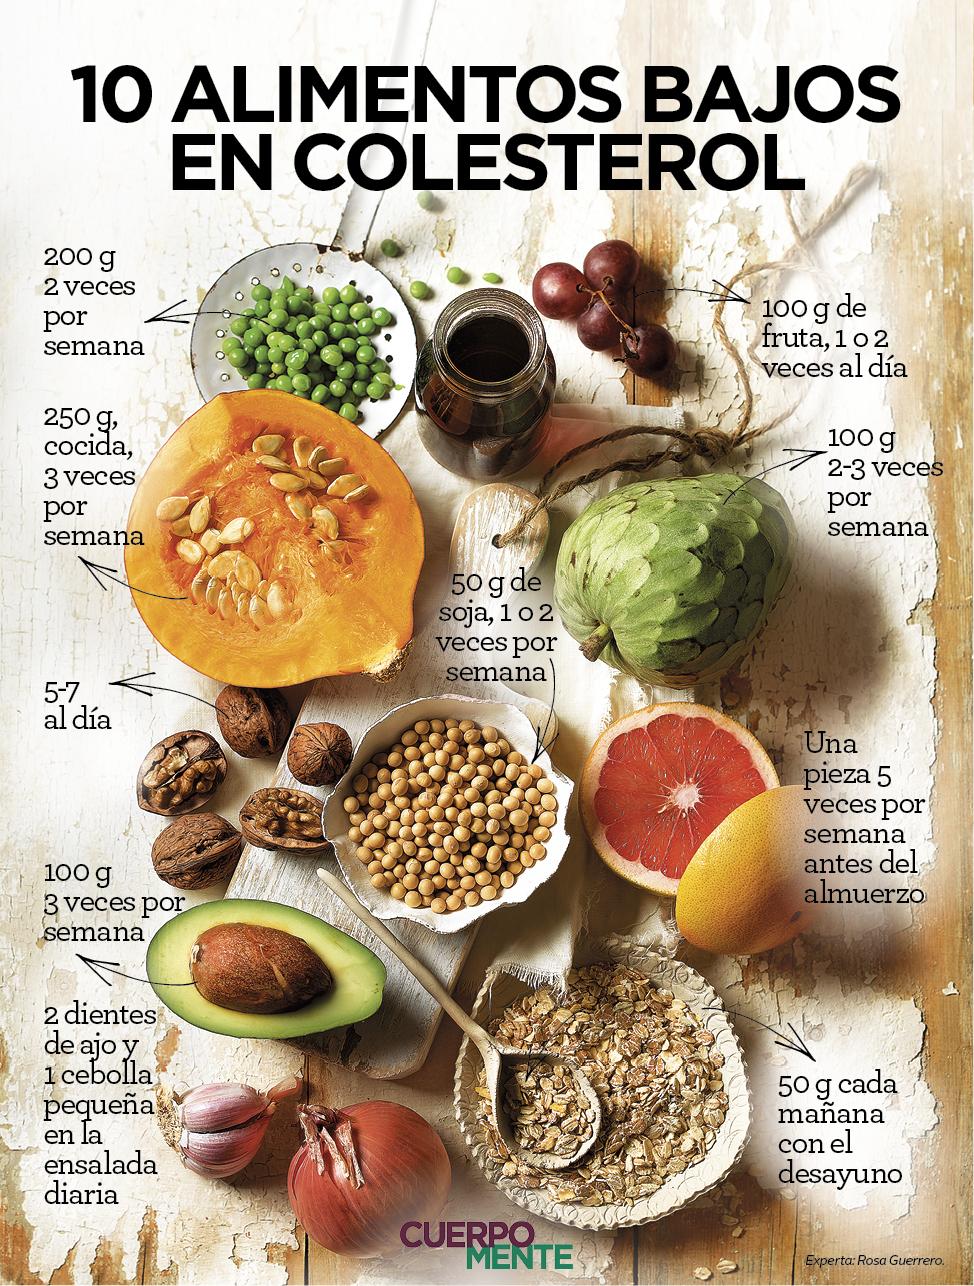 10 alimentos bajos en colesterol - Alimentos que provocan colesterol ...